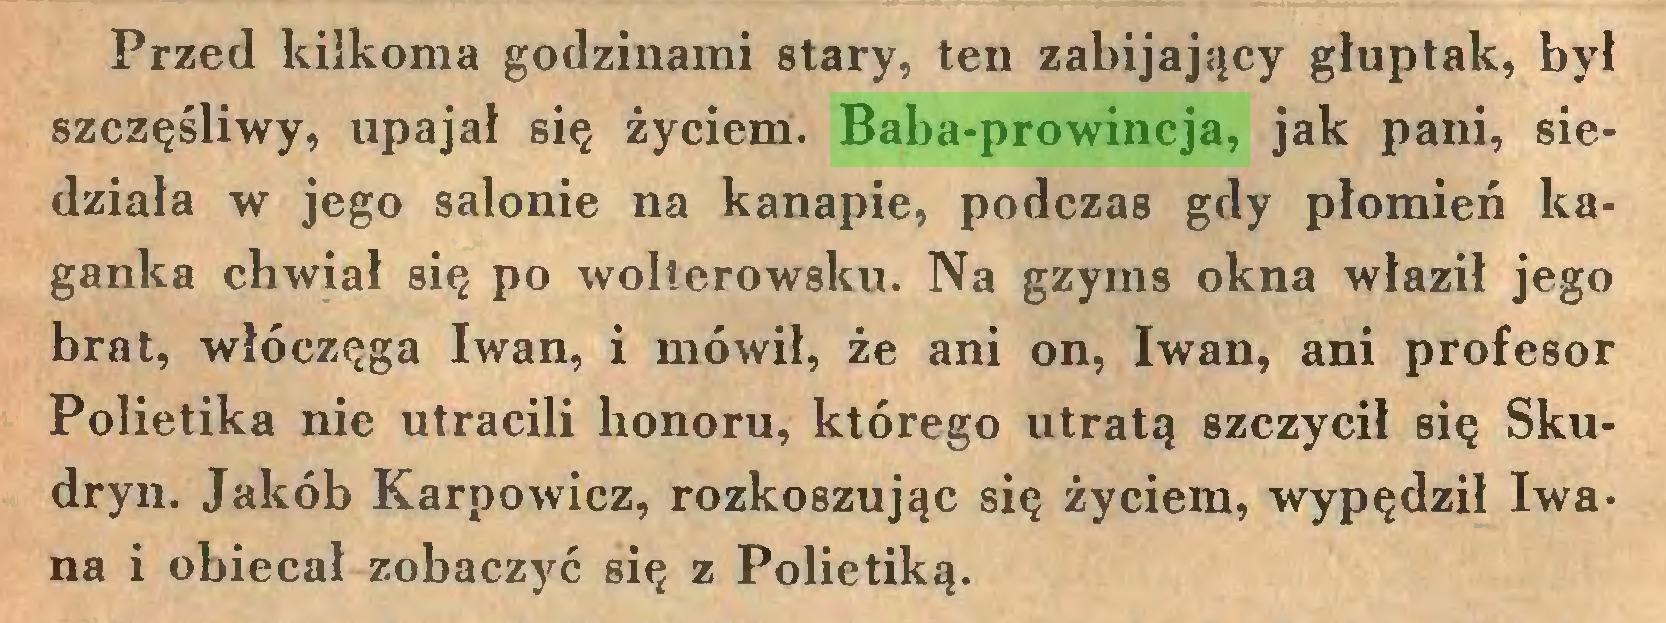 (...) Przed kilkoma godzinami stary, ten zabijający głuptak, był szczęśliwy, upajał się życiem. Baba-prowincja, jak pani, siedziała w jego salonie na kanapie, podczas gdy płomień kaganka chwiał się po wolterowsku. Na gzyms okna właził jego brat, włóczęga Iwan, i mówił, że ani on, Iwan, ani profesor Polietika nie utracili honoru, którego utratą szczycił się Skudryn. Jakób Karpowicz, rozkoszując się życiem, wypędził Iwana i obiecał zobaczyć się z Polietiką...